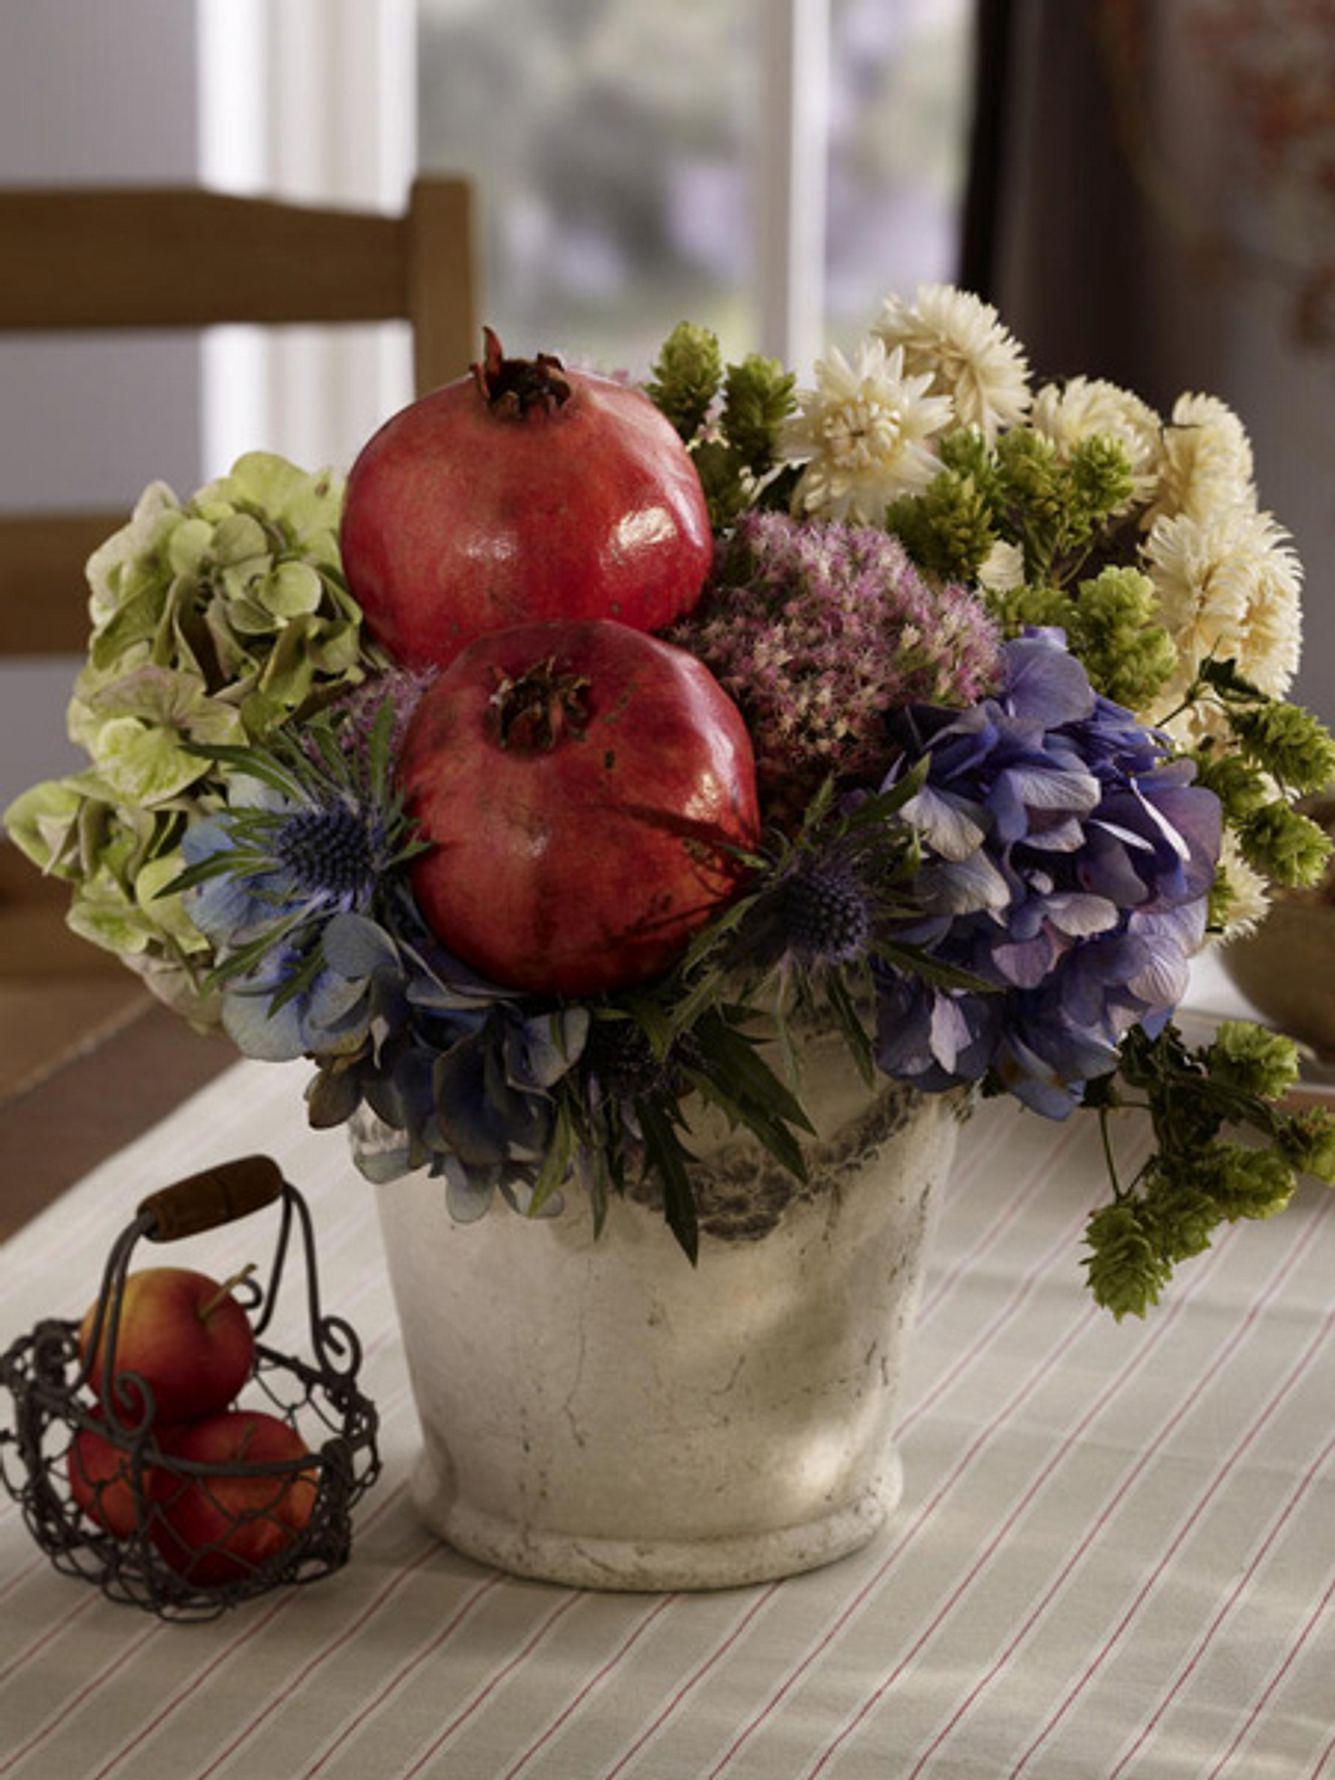 herbstliche deko mit granataepfeln